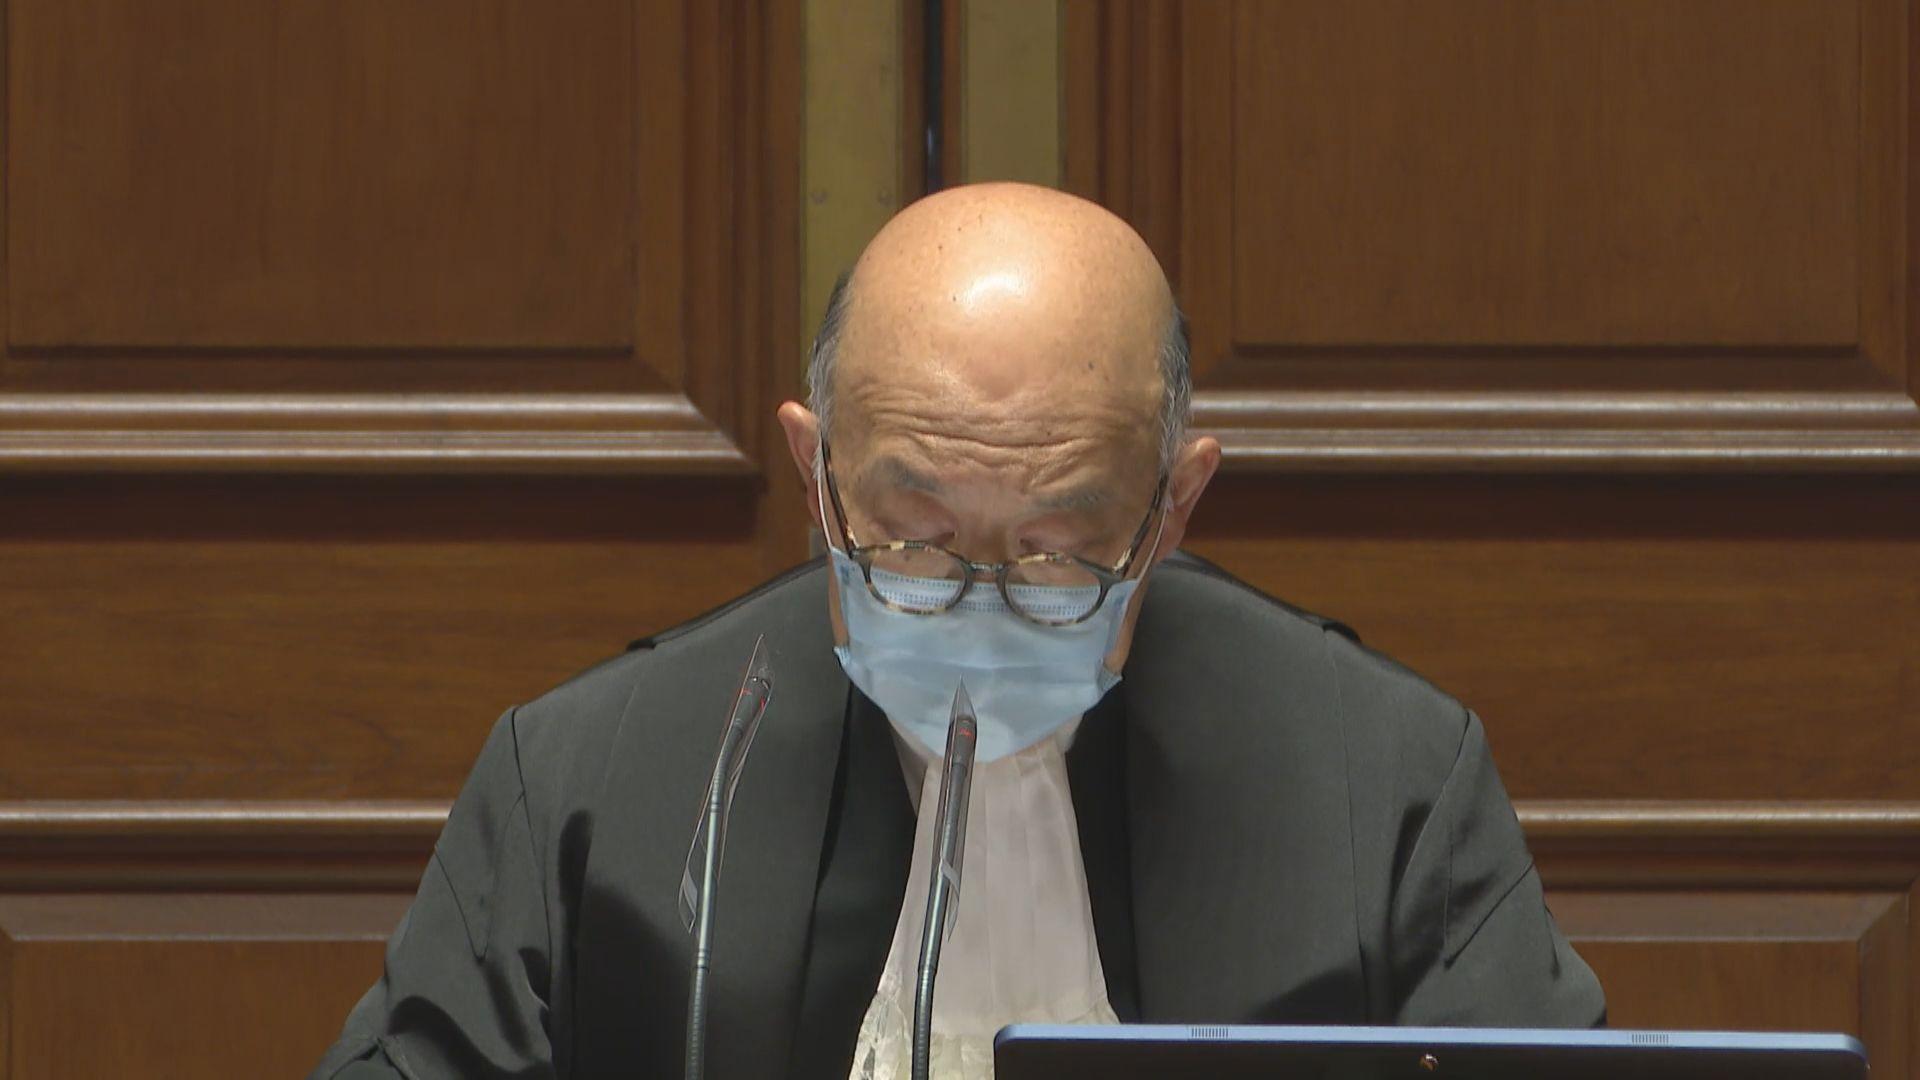 馬道立:一向反對把司法機構及法院工作政治化